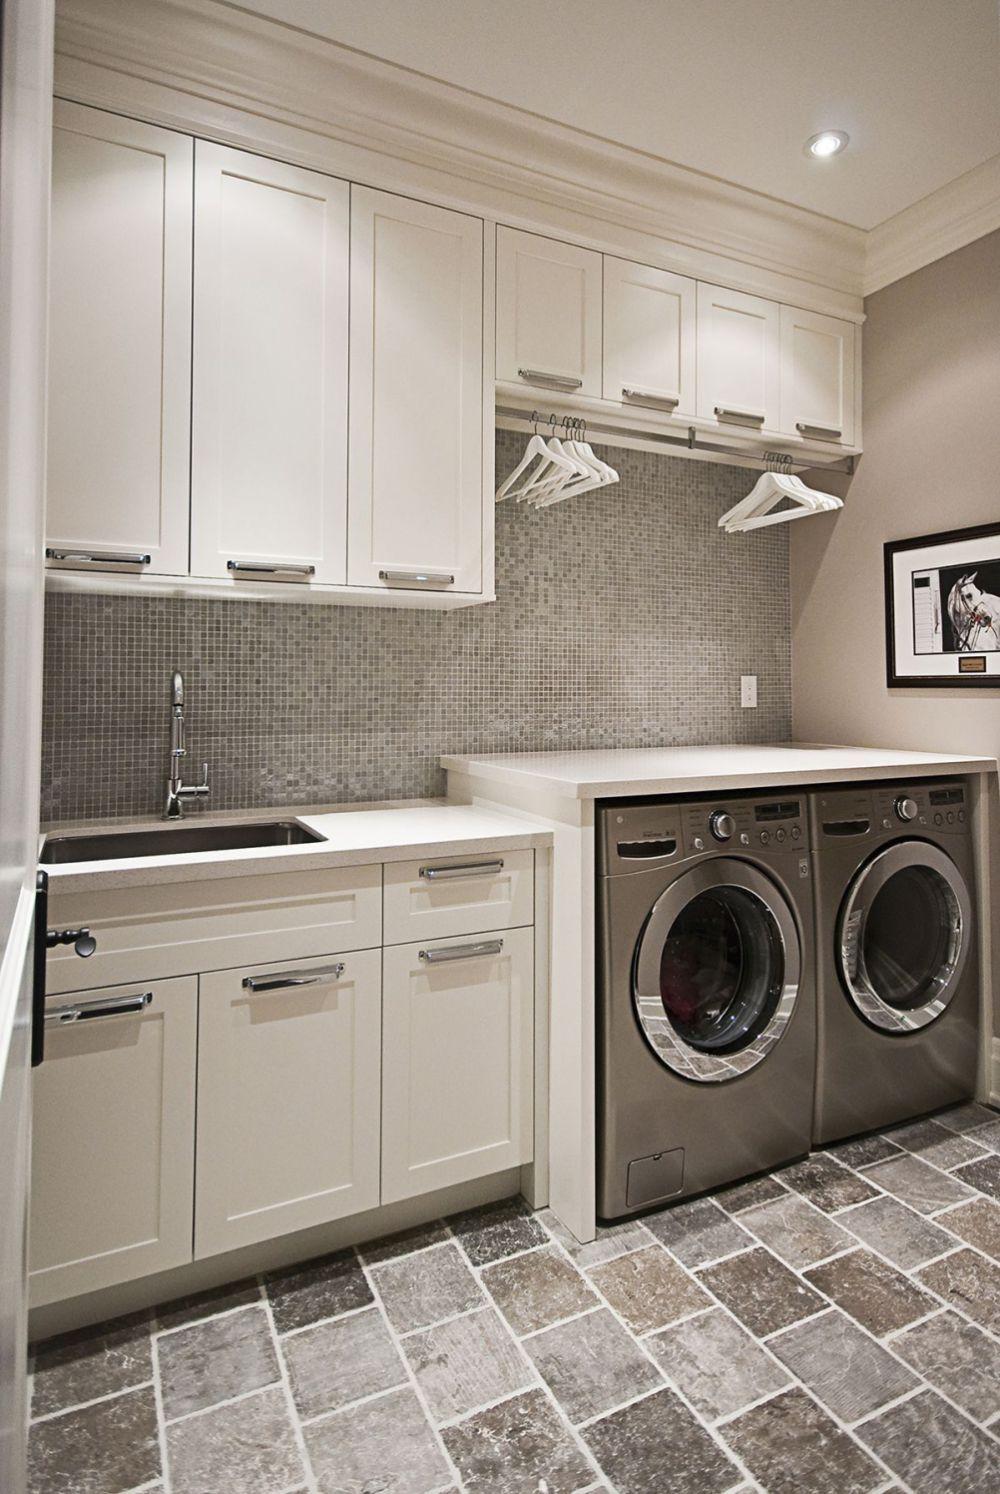 Laundry Room Design 21 Waschraumgestaltung Waschkuchen Schranke Badezimmer Wasche